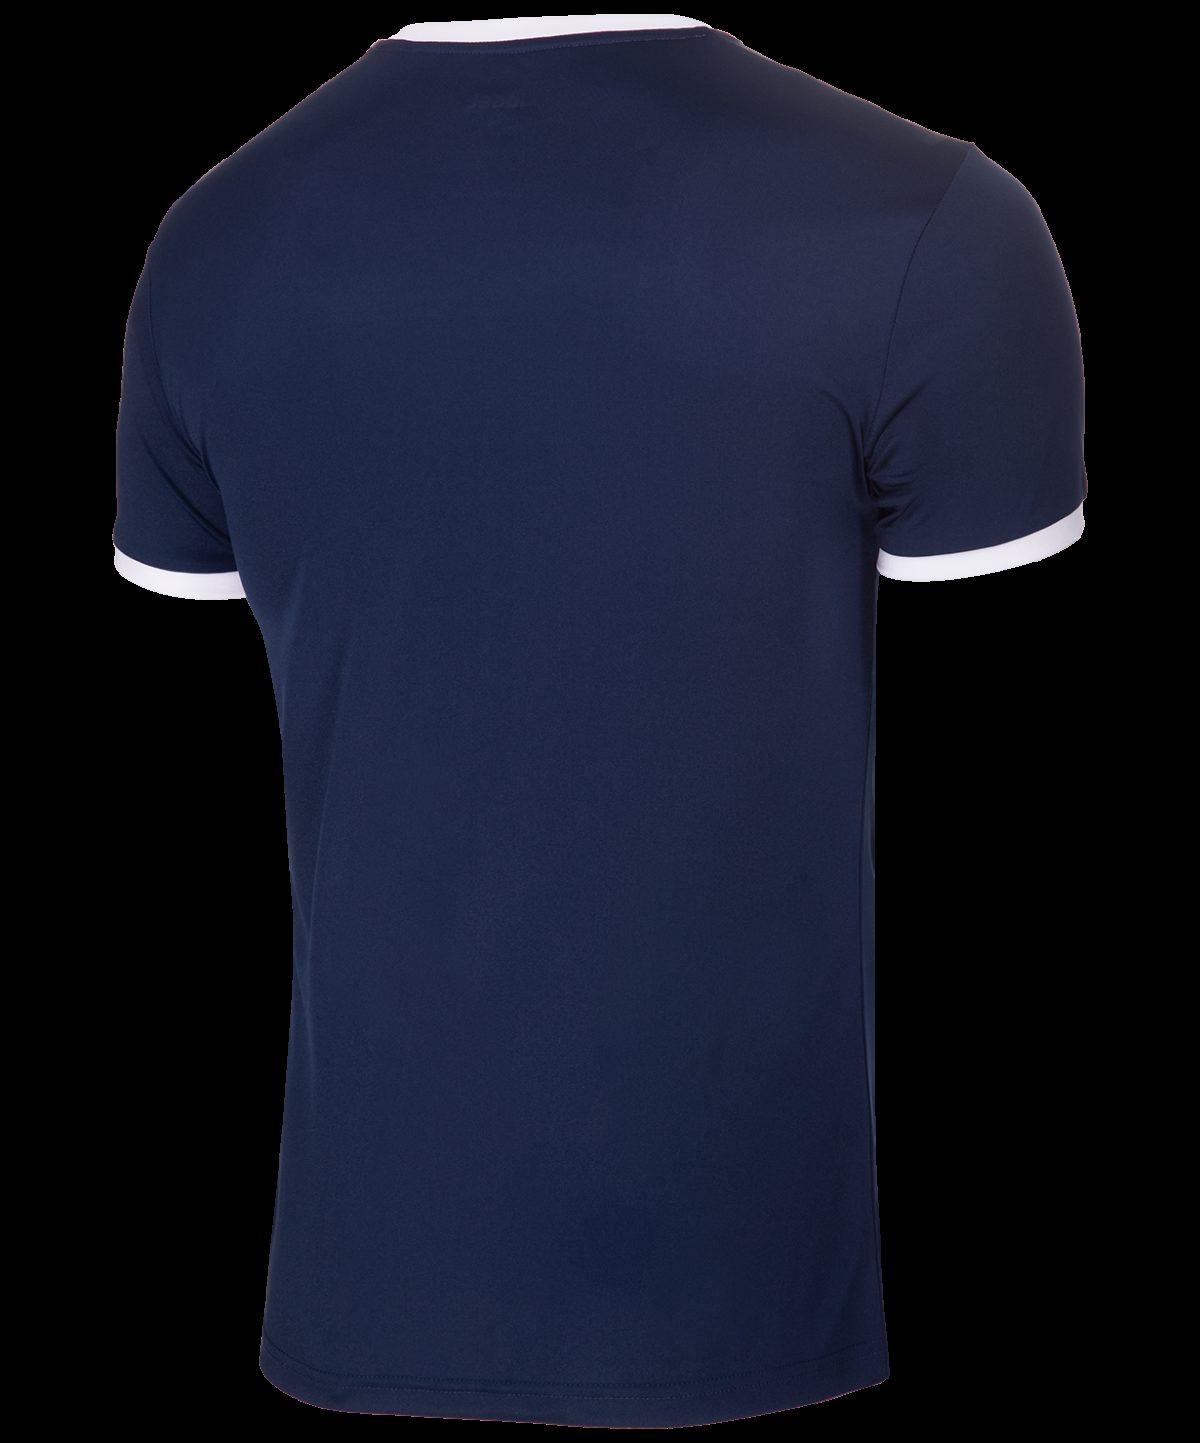 JOGEL Футболка, синий/белый  JFT-1010-091 - 2